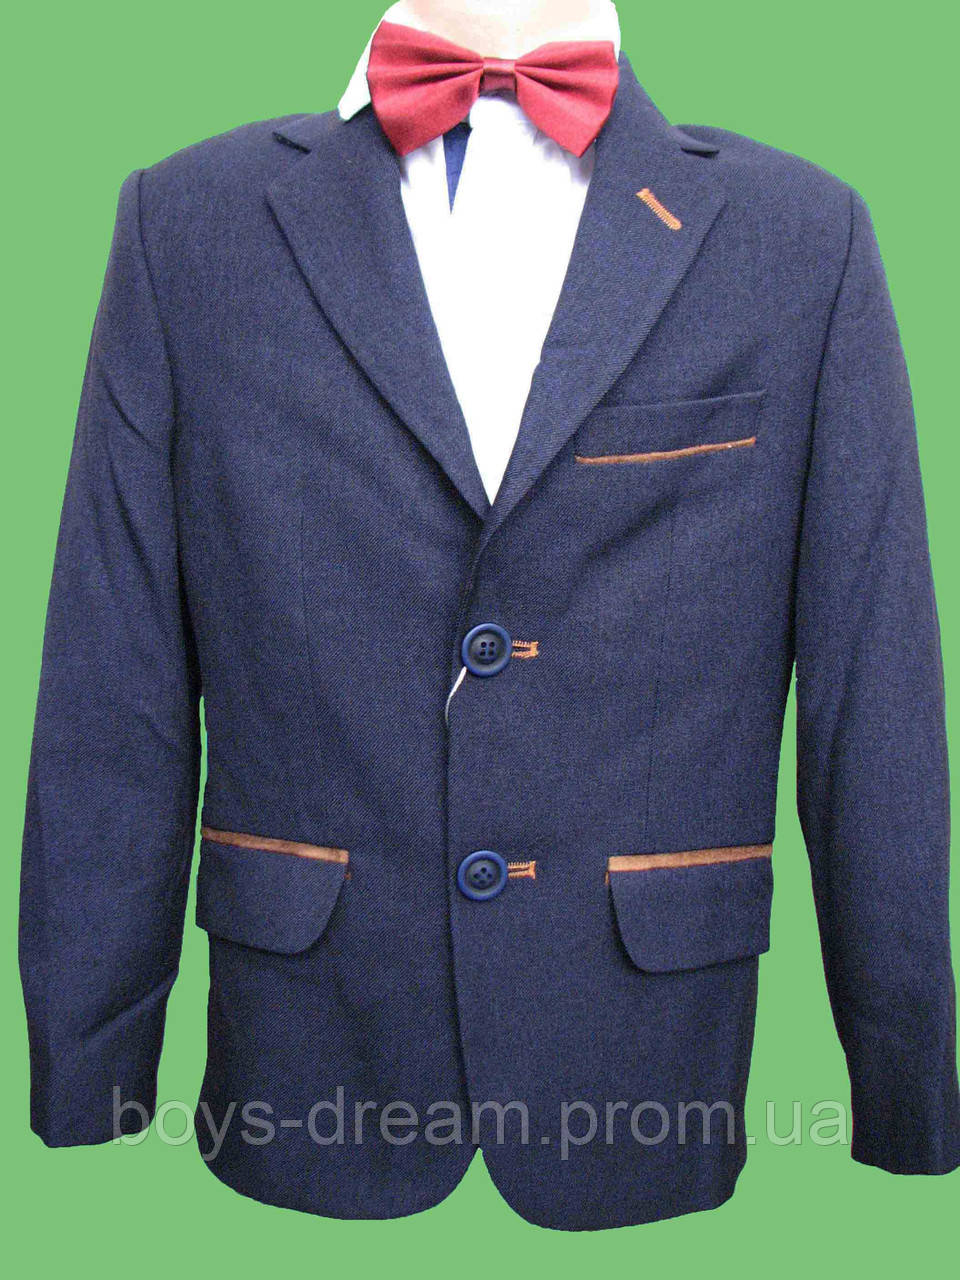 Пиджак для мальчика 146(Турция)